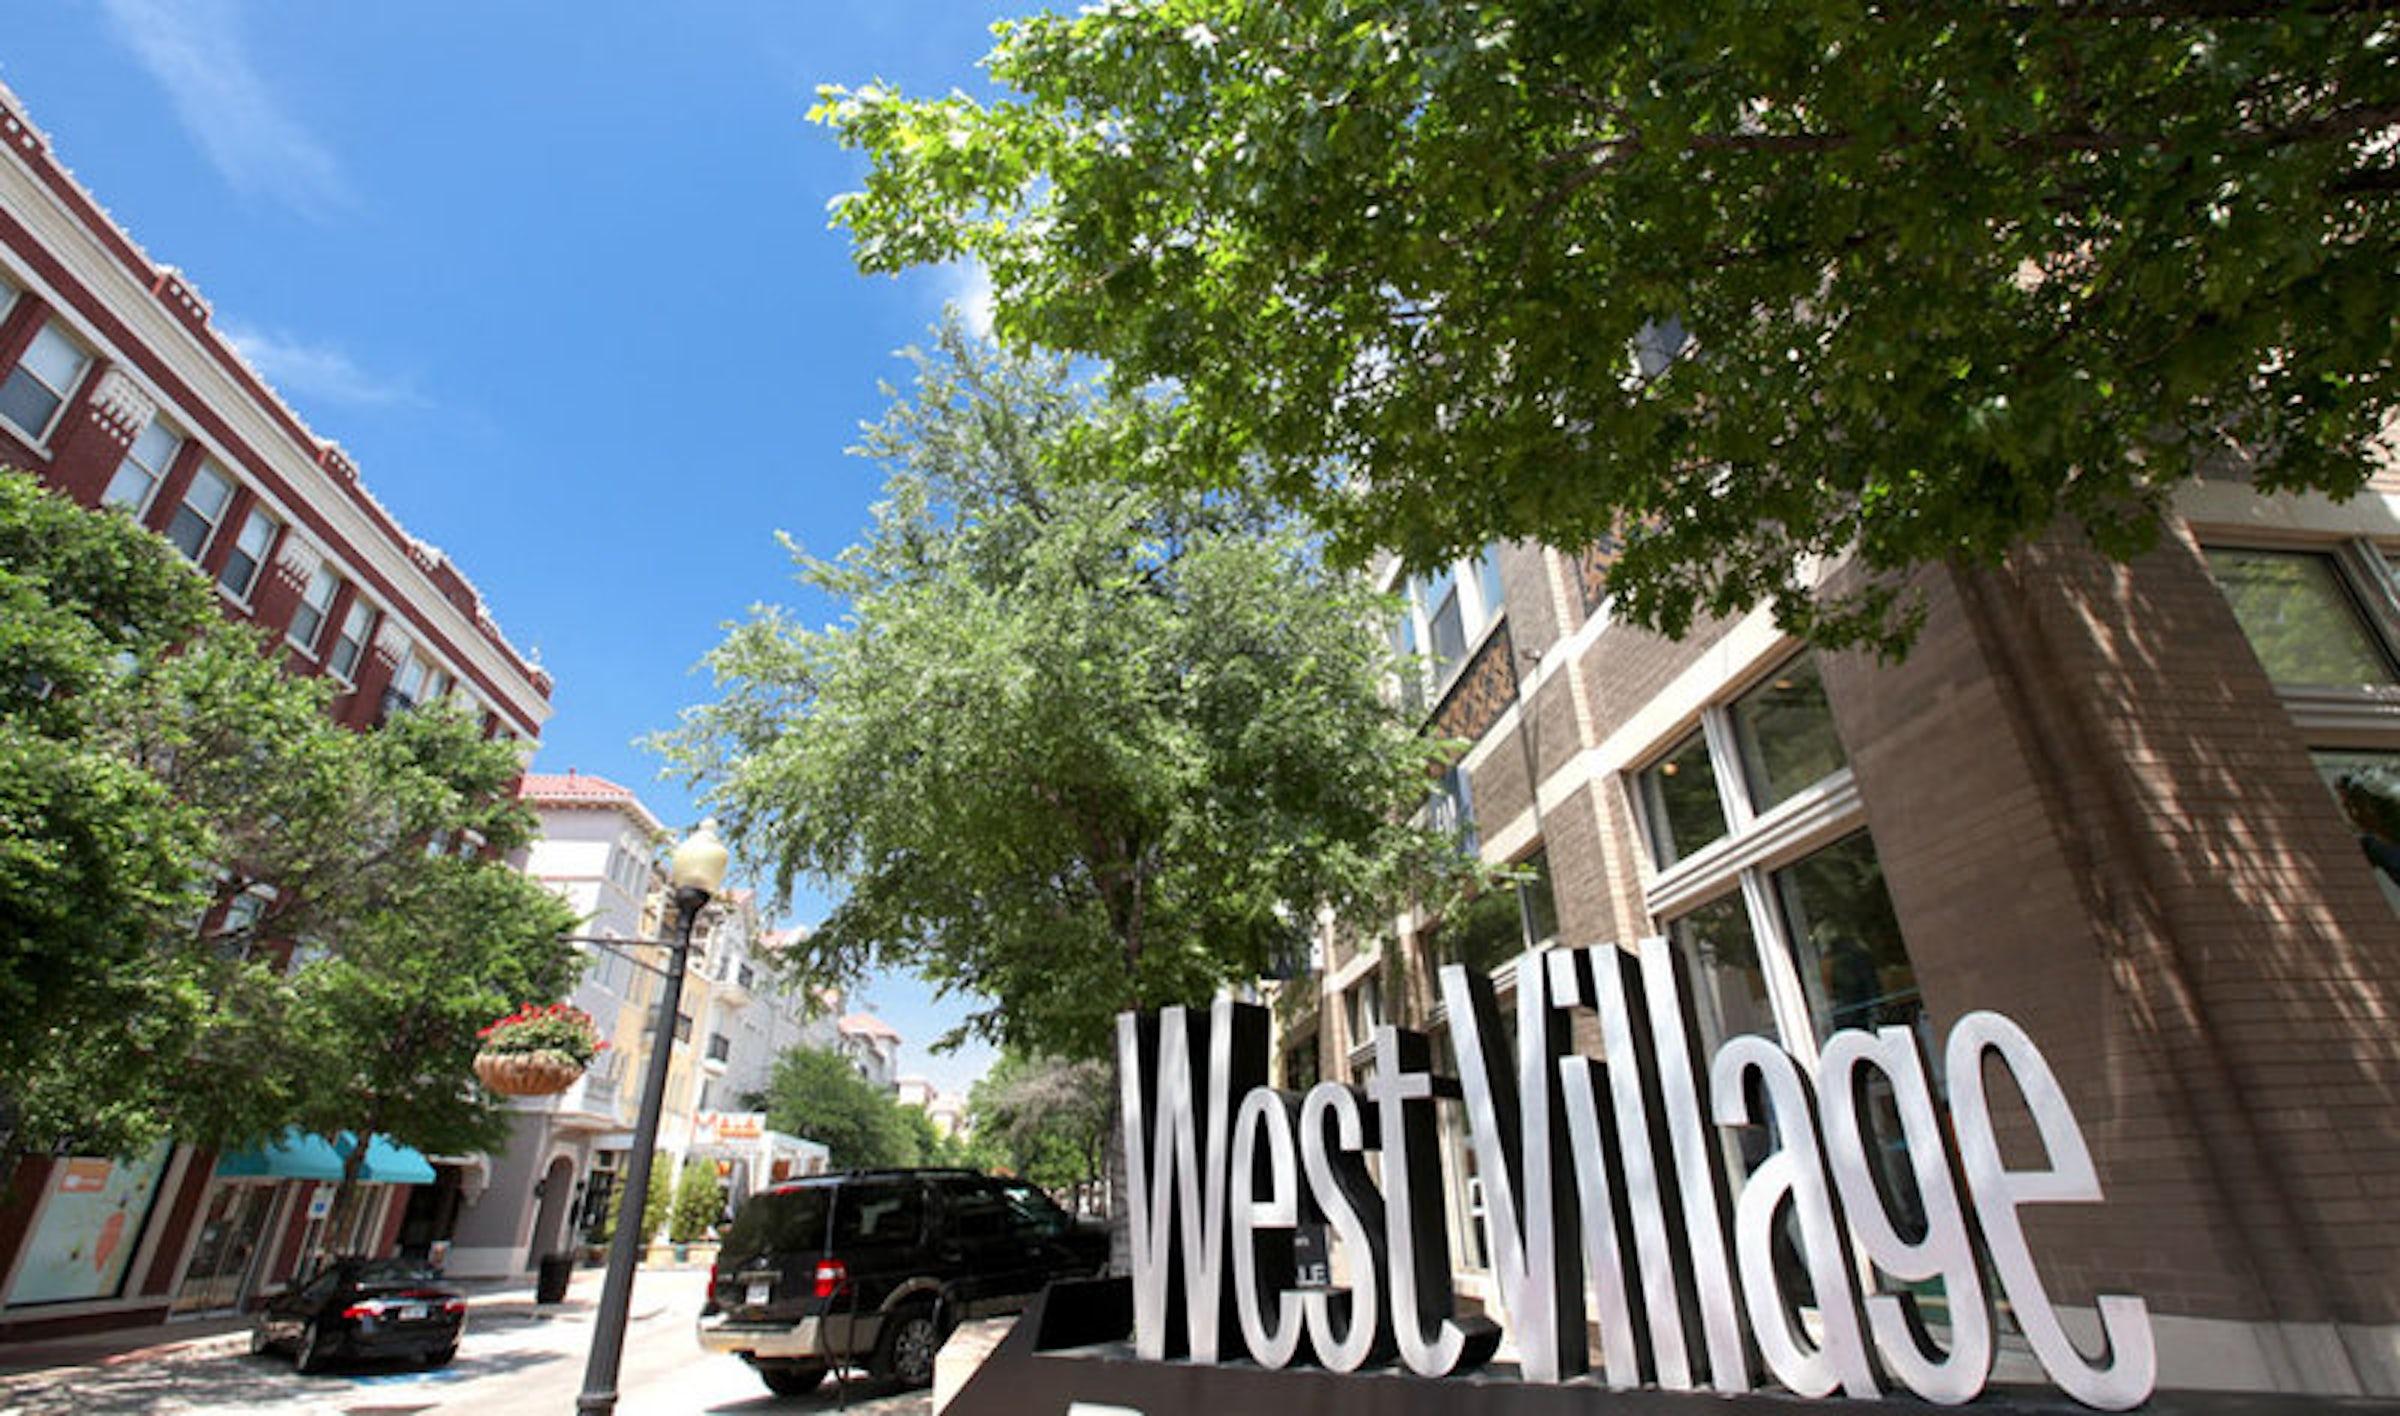 West Village in Beyond Dallas